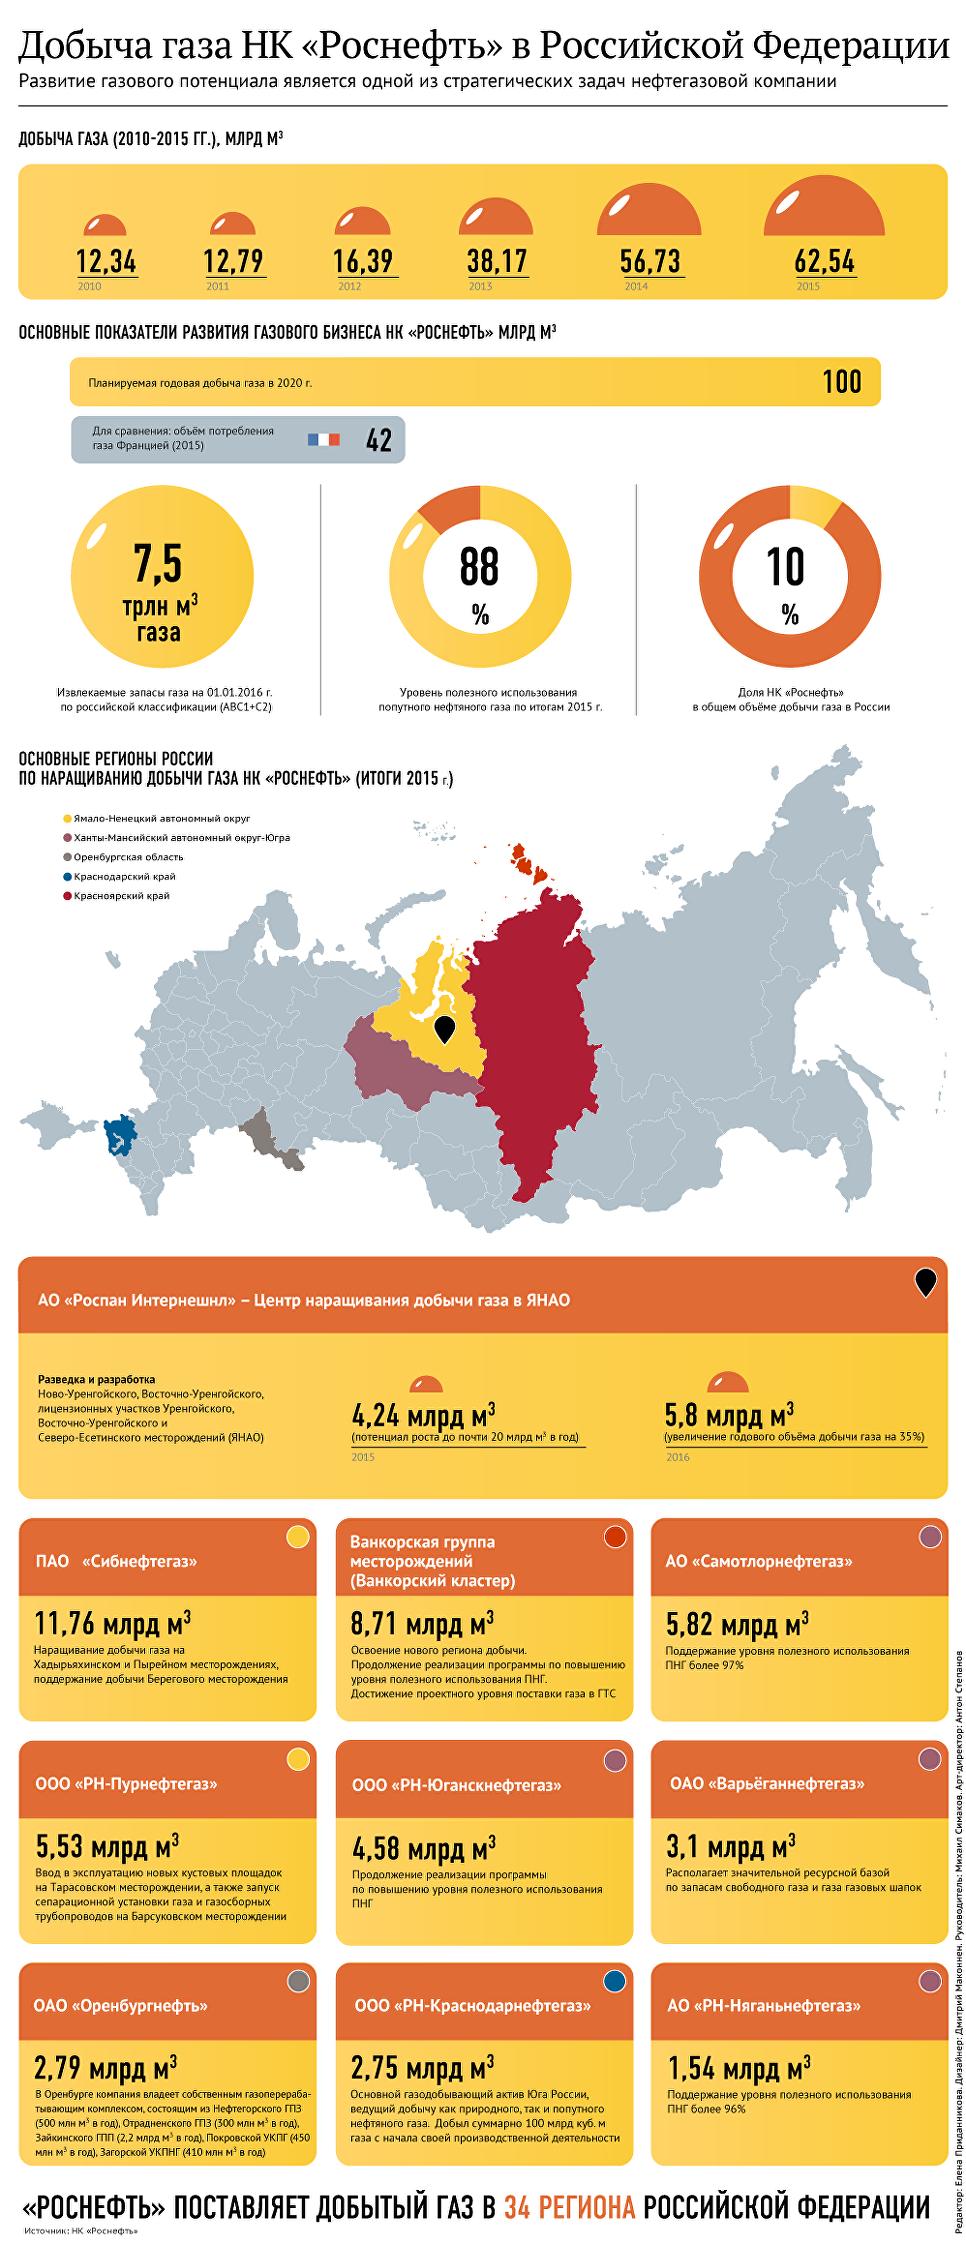 Под санкции попадает роснефть